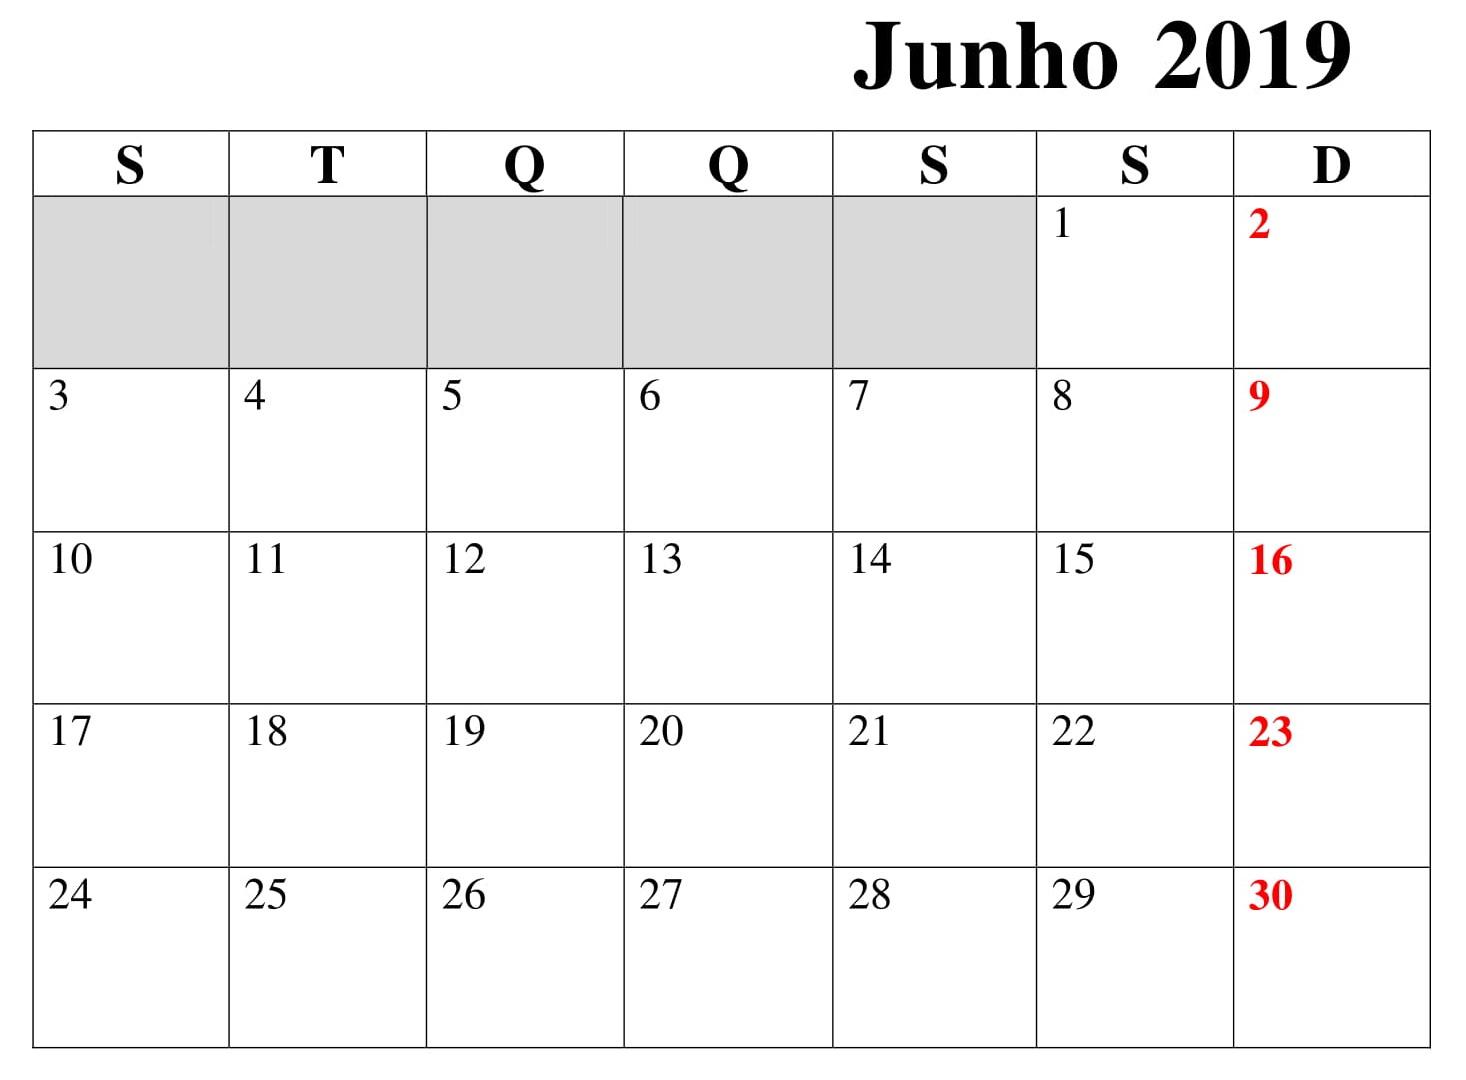 Calendário Junho Titulo 2019 Para Imprimir